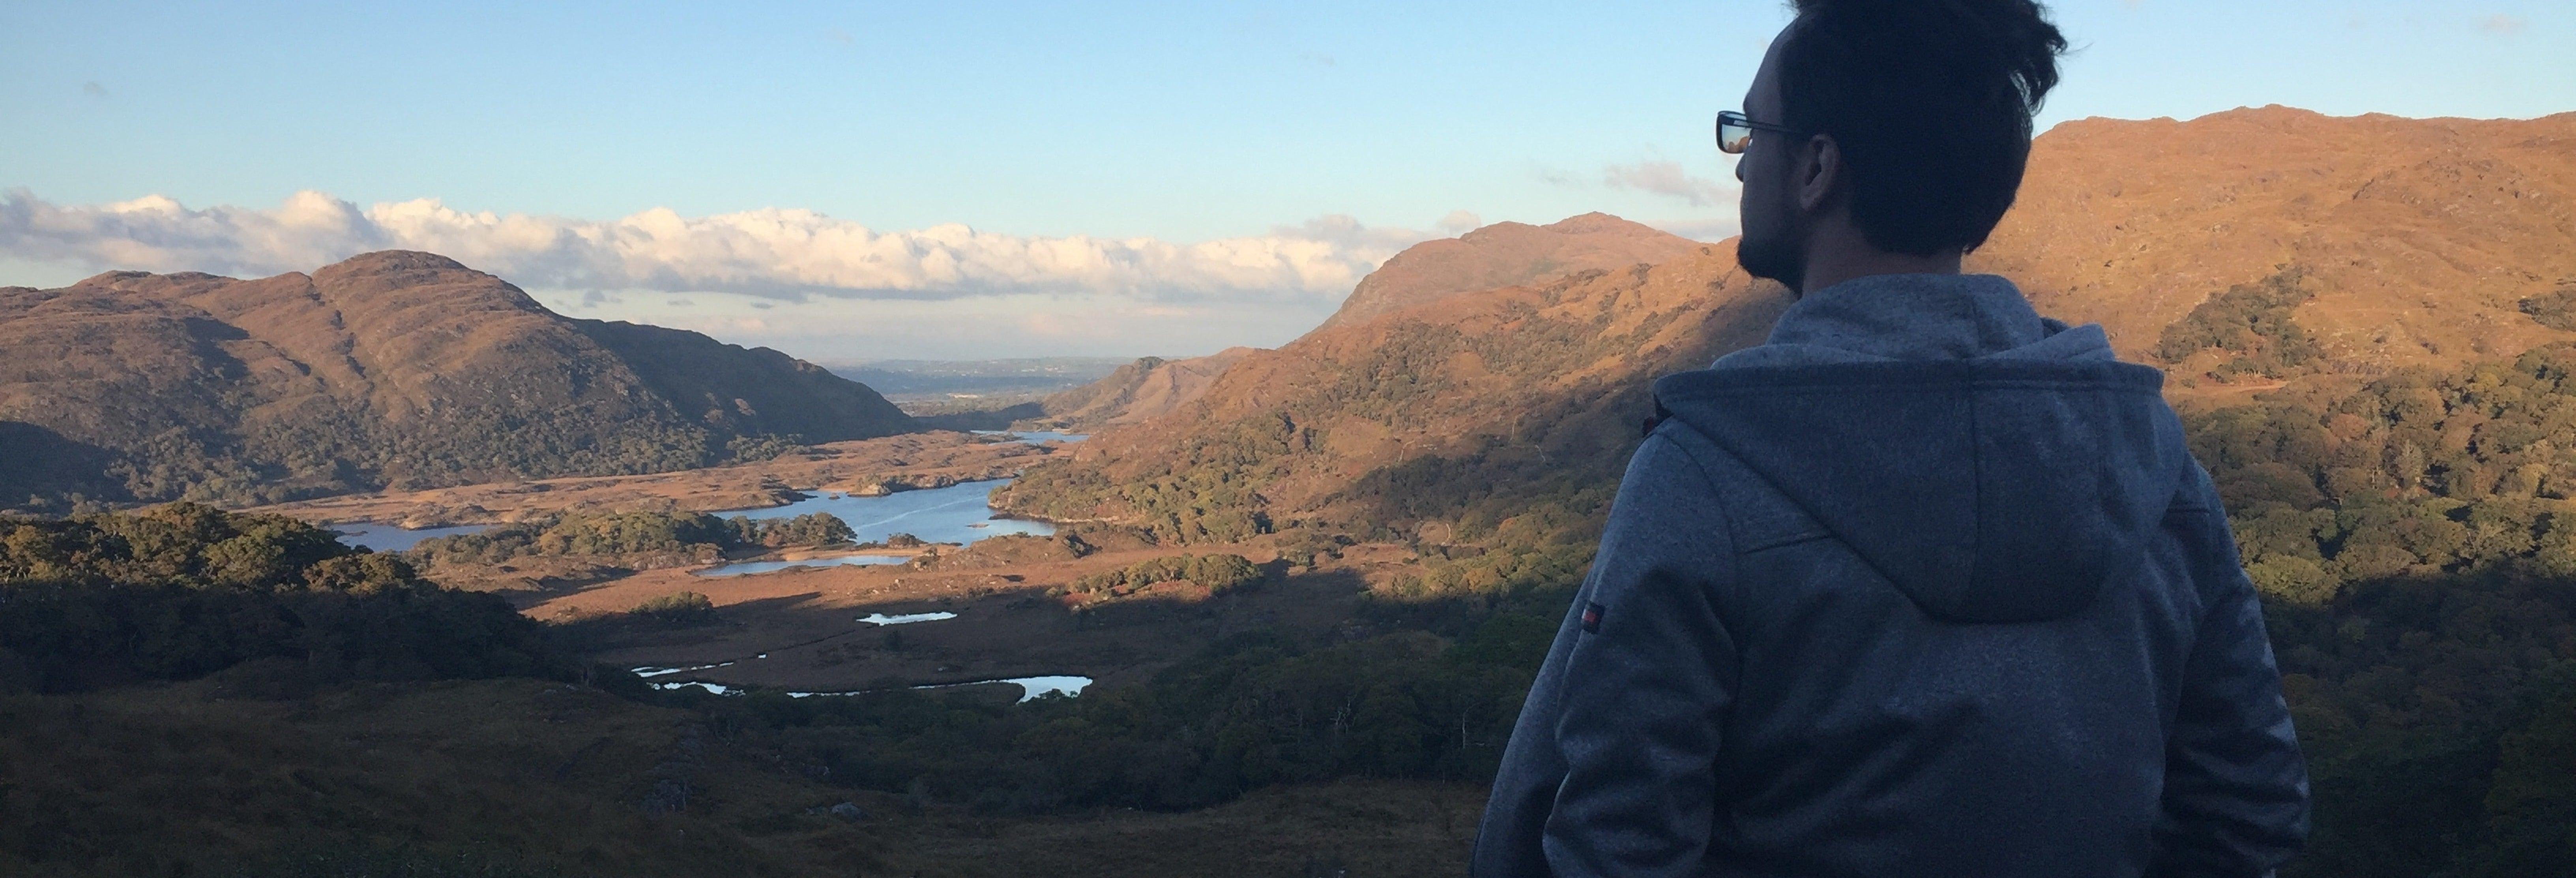 Tour de 4 días por la Costa Atlántica